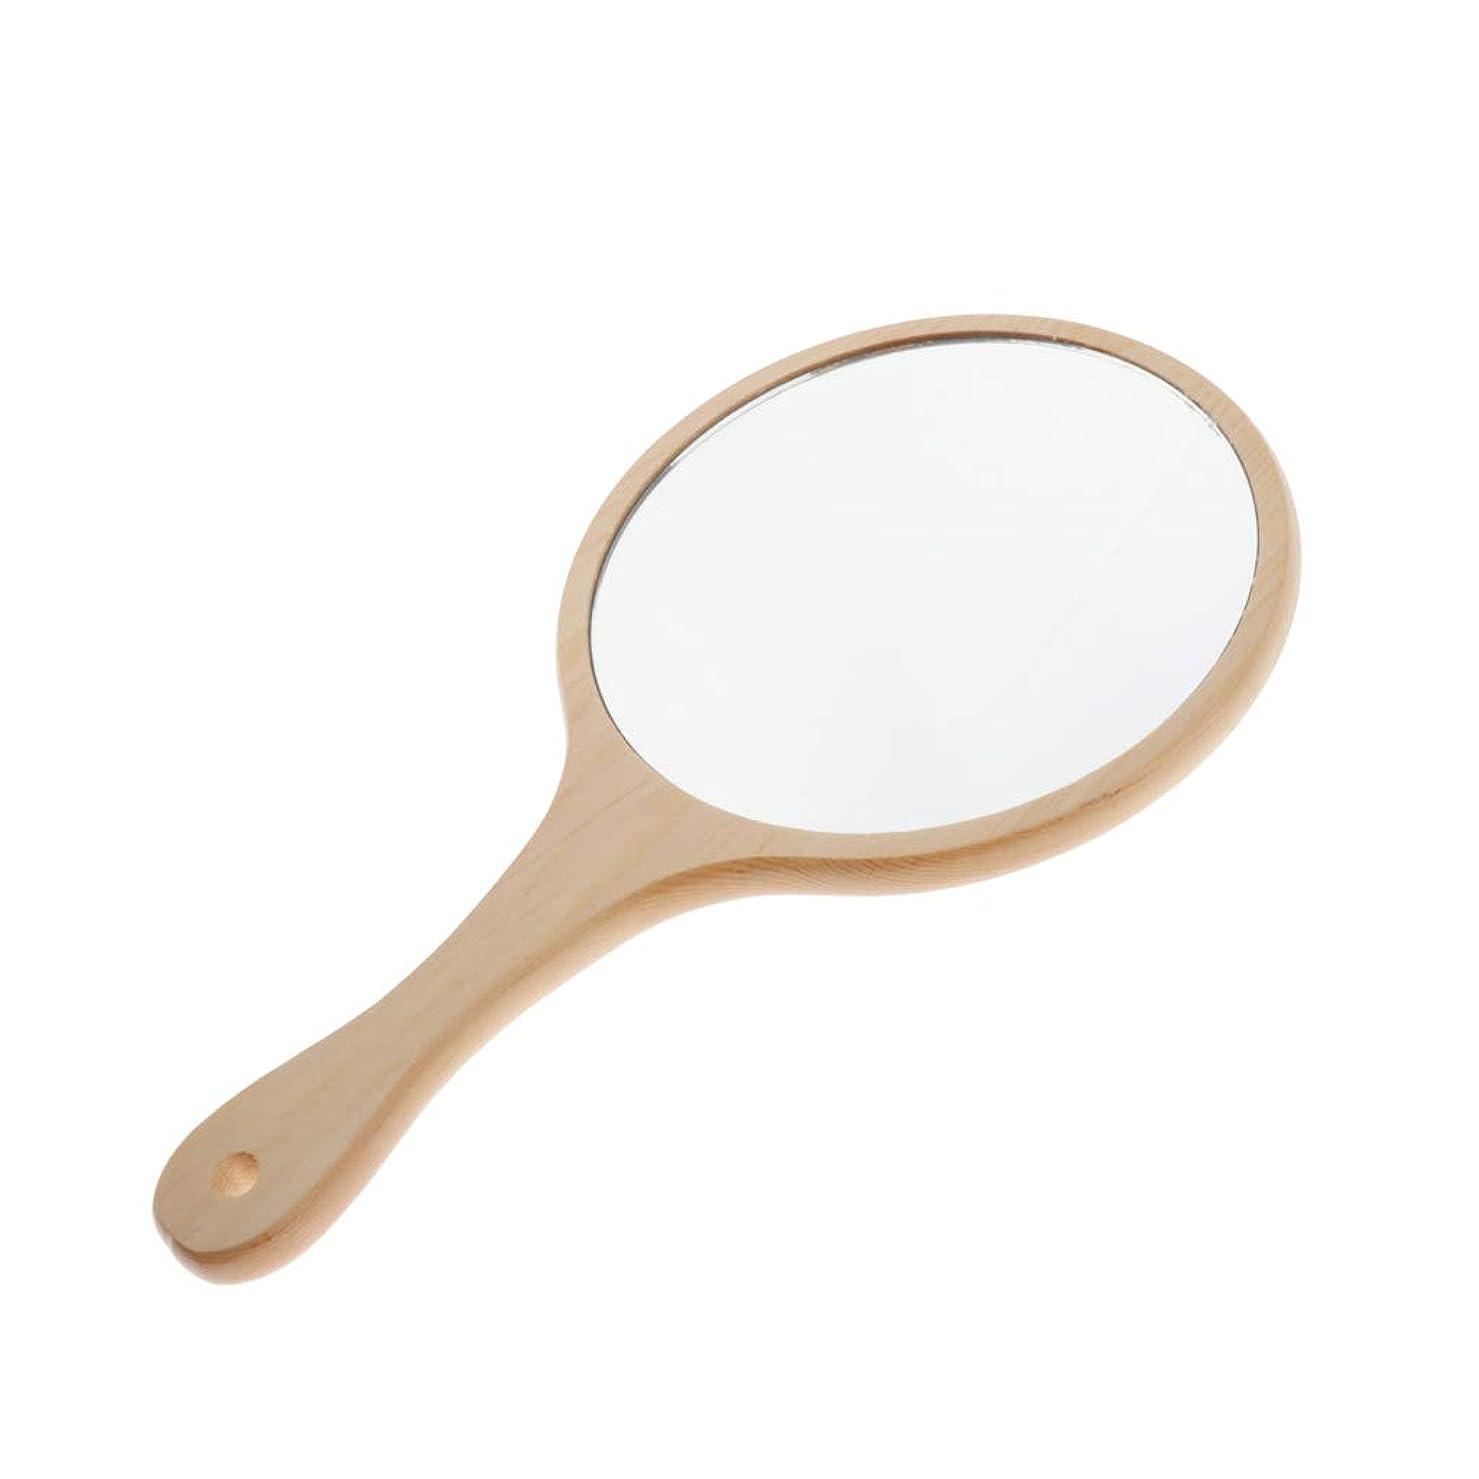 好む矢政策Toygogo 化粧ミラー 鏡 ミラー コンパクト 木製ミラー 手鏡 メンズ ハンドミラー 便利 軽量 保管簡単 全5選択 - ラウンドL